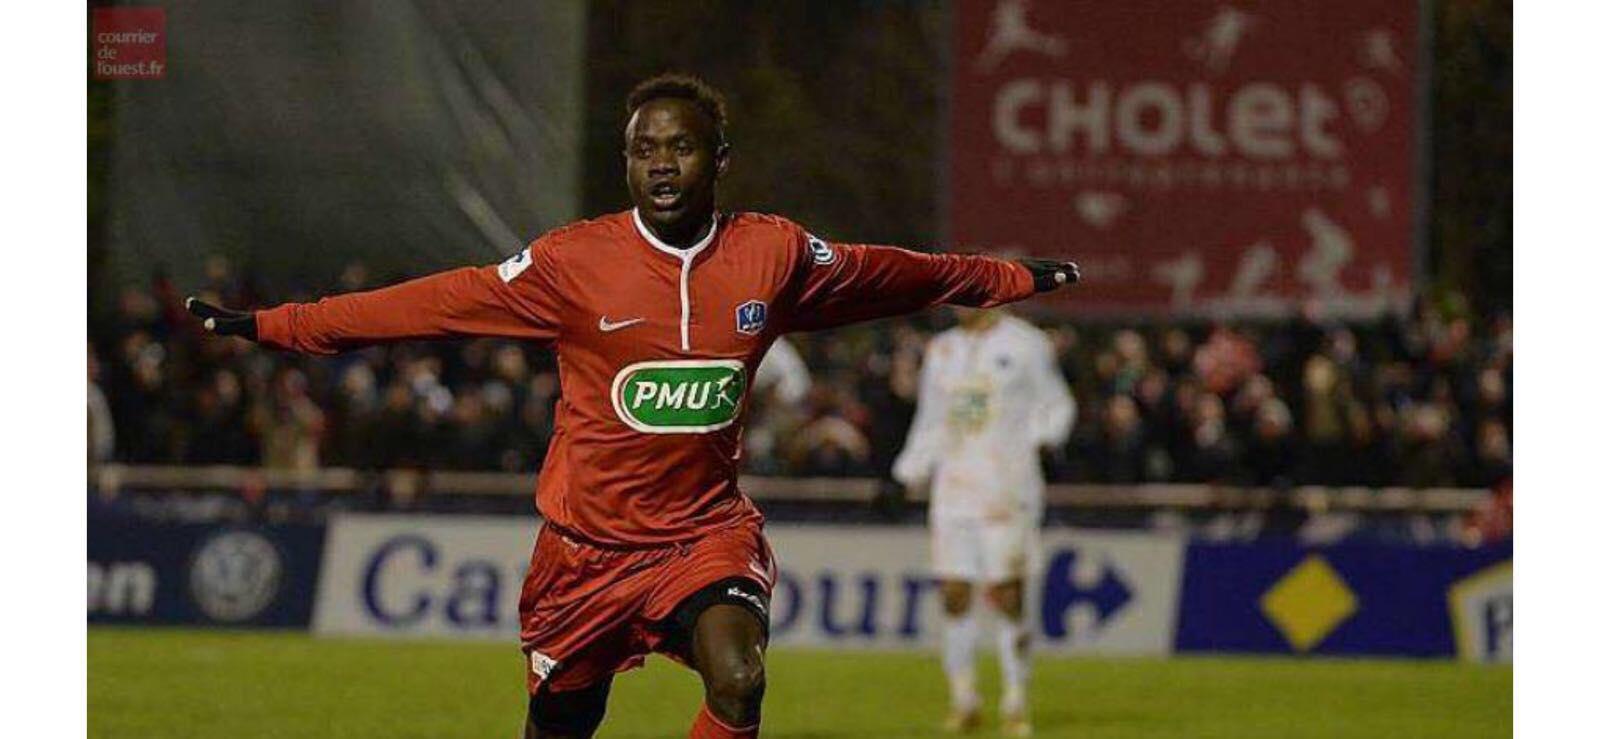 En 2015, Pape Babacar Ndoye avait fait se lever tout le Stade Omnisport, en égalisant à la dernière minute du match SOC - Stade Brestois en Coupe de France.